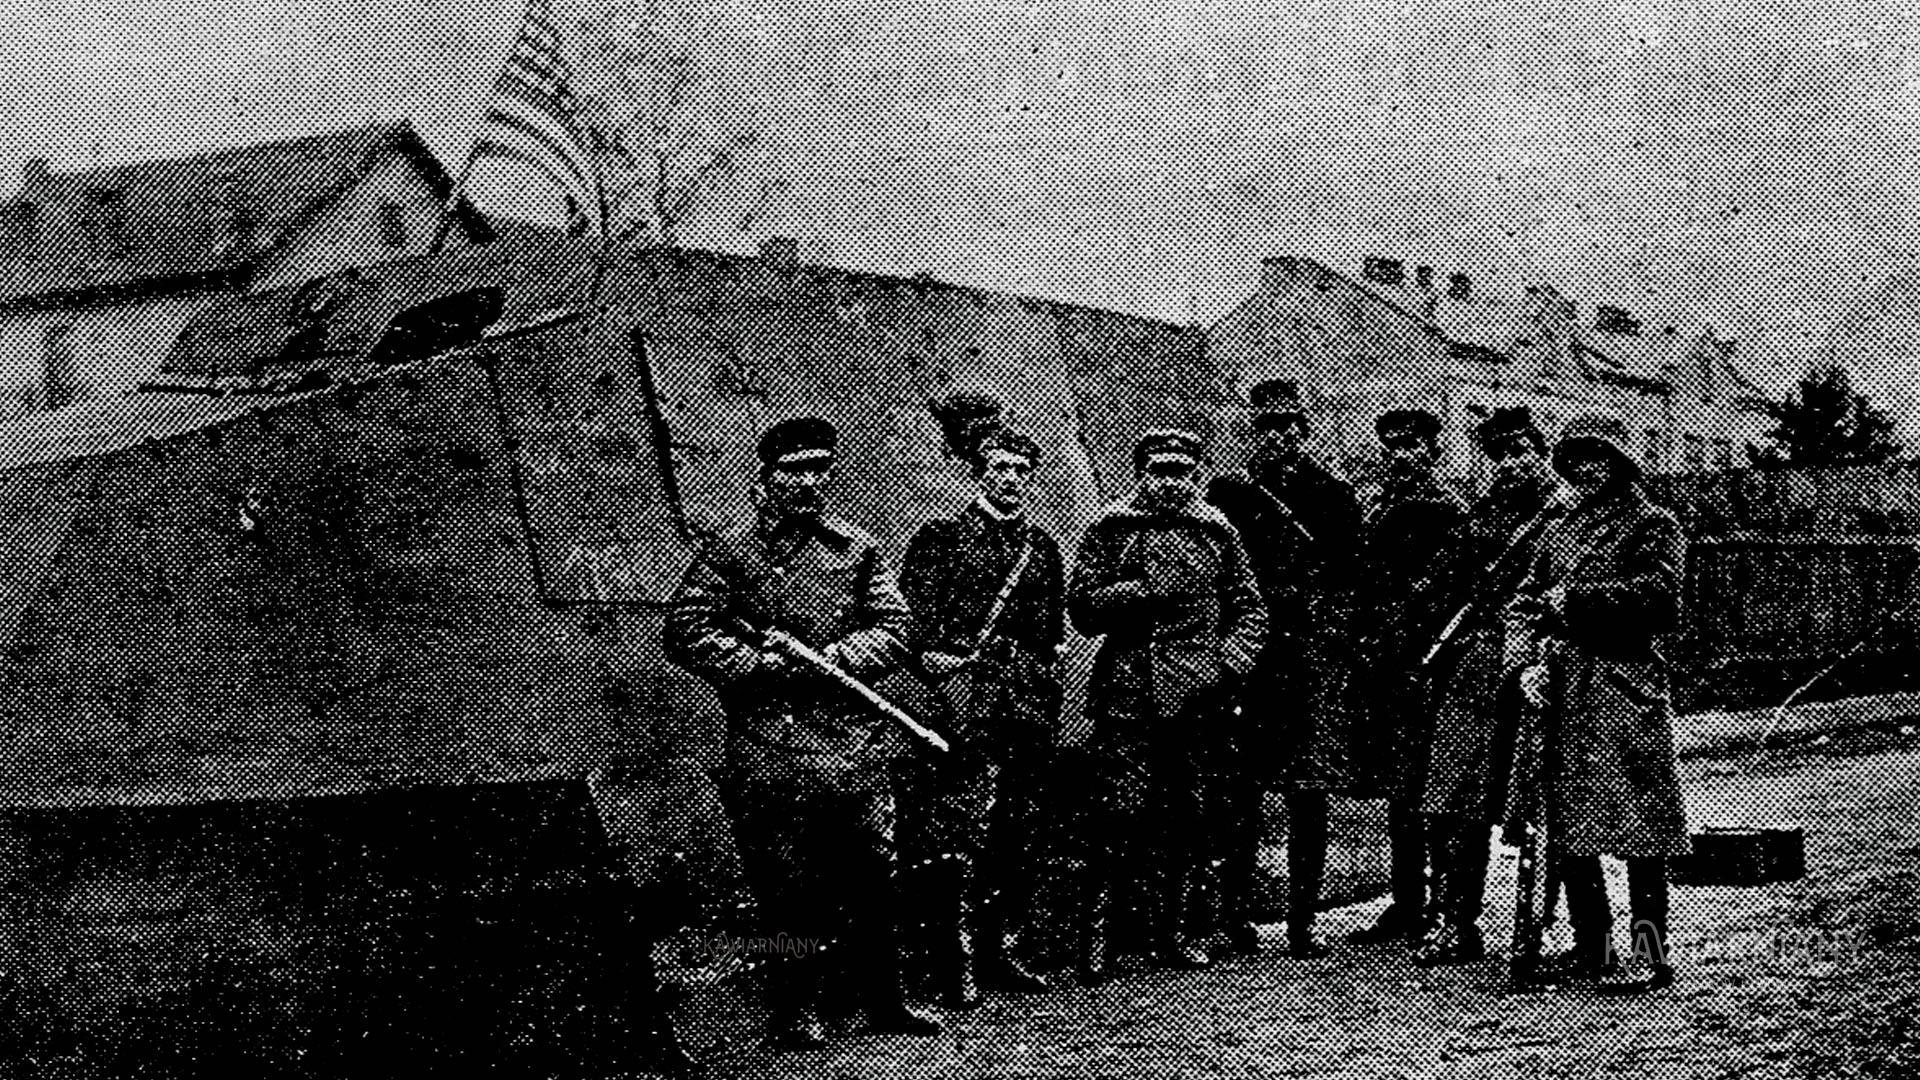 Na zdjęciu Tank Piłsudski oraz Edward Kustanowicz, Eugeniusz Bernacki, Edward Świstelnicki, Aleksander Zborzyl-Mirecki, Edward Kozłowski, Bronisław Nizioł, Mieszko Kretowicz przy ul. Polnej we Lwowie w pierwszych dniach listopada 1918 roku